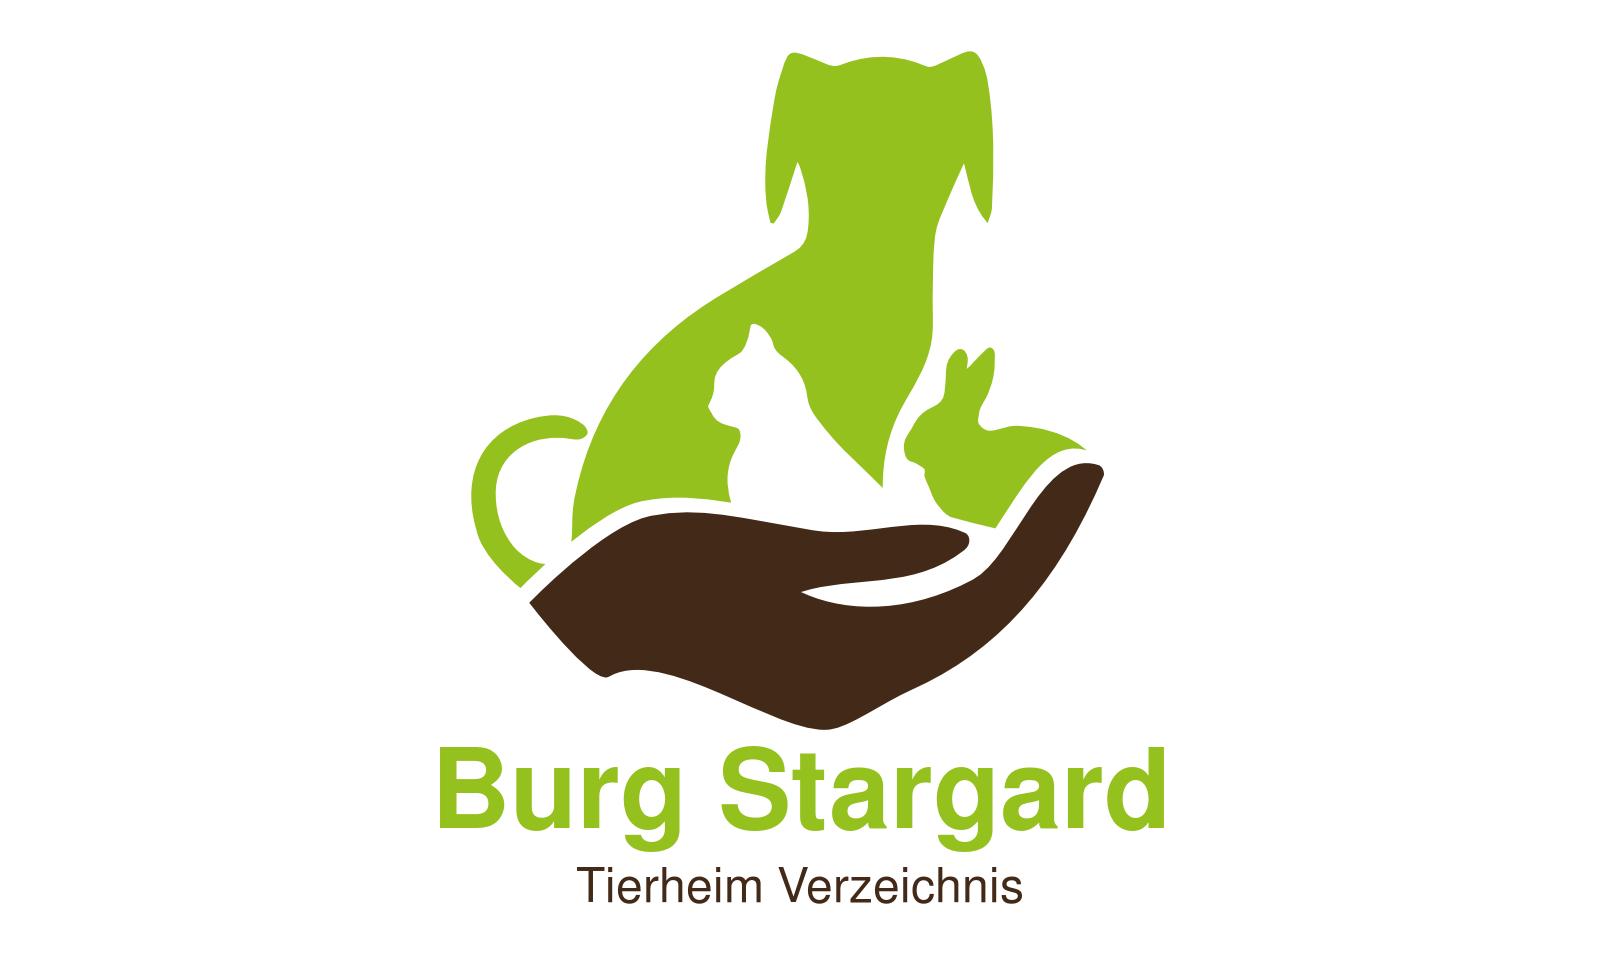 Tierheim Burg Stargard